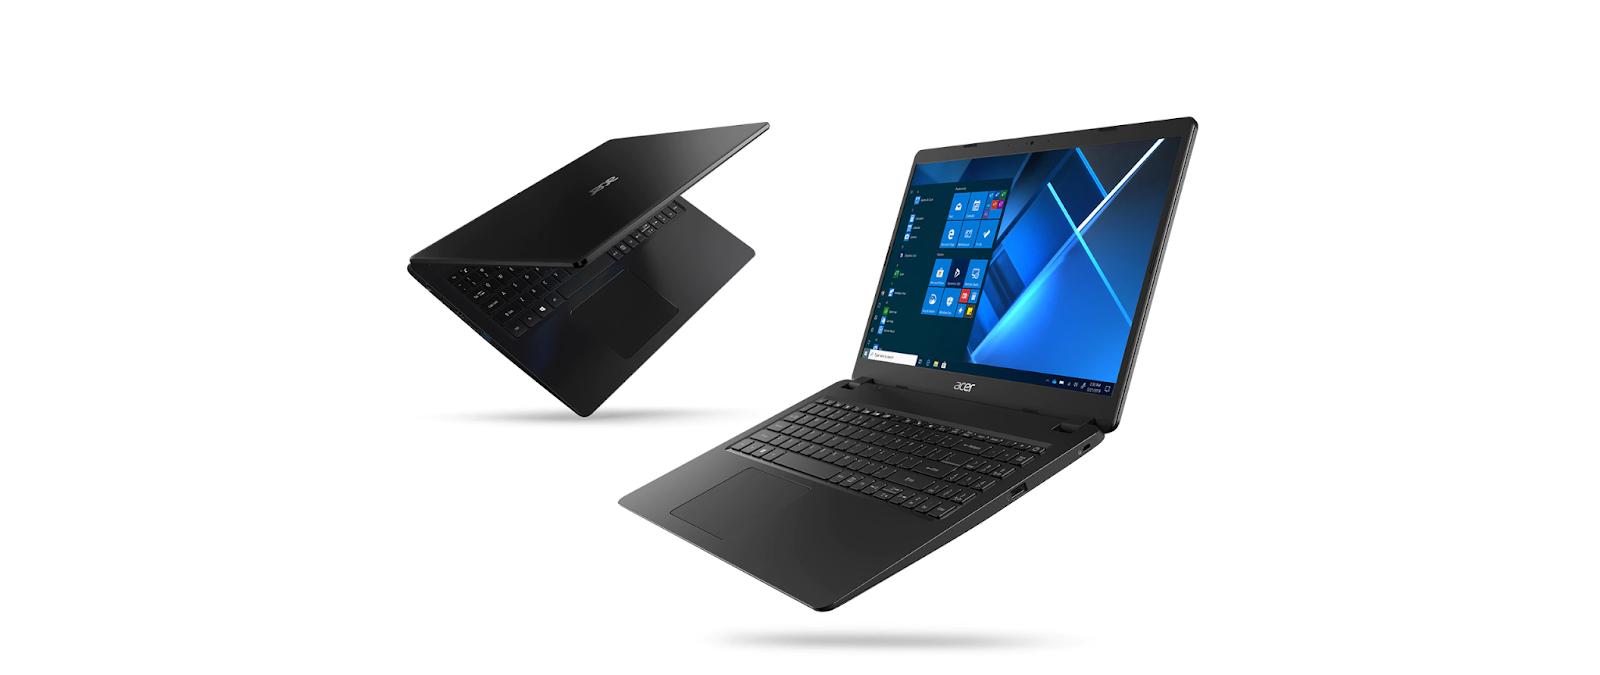 Perangkat-Belajar-Acer-Extensa-15